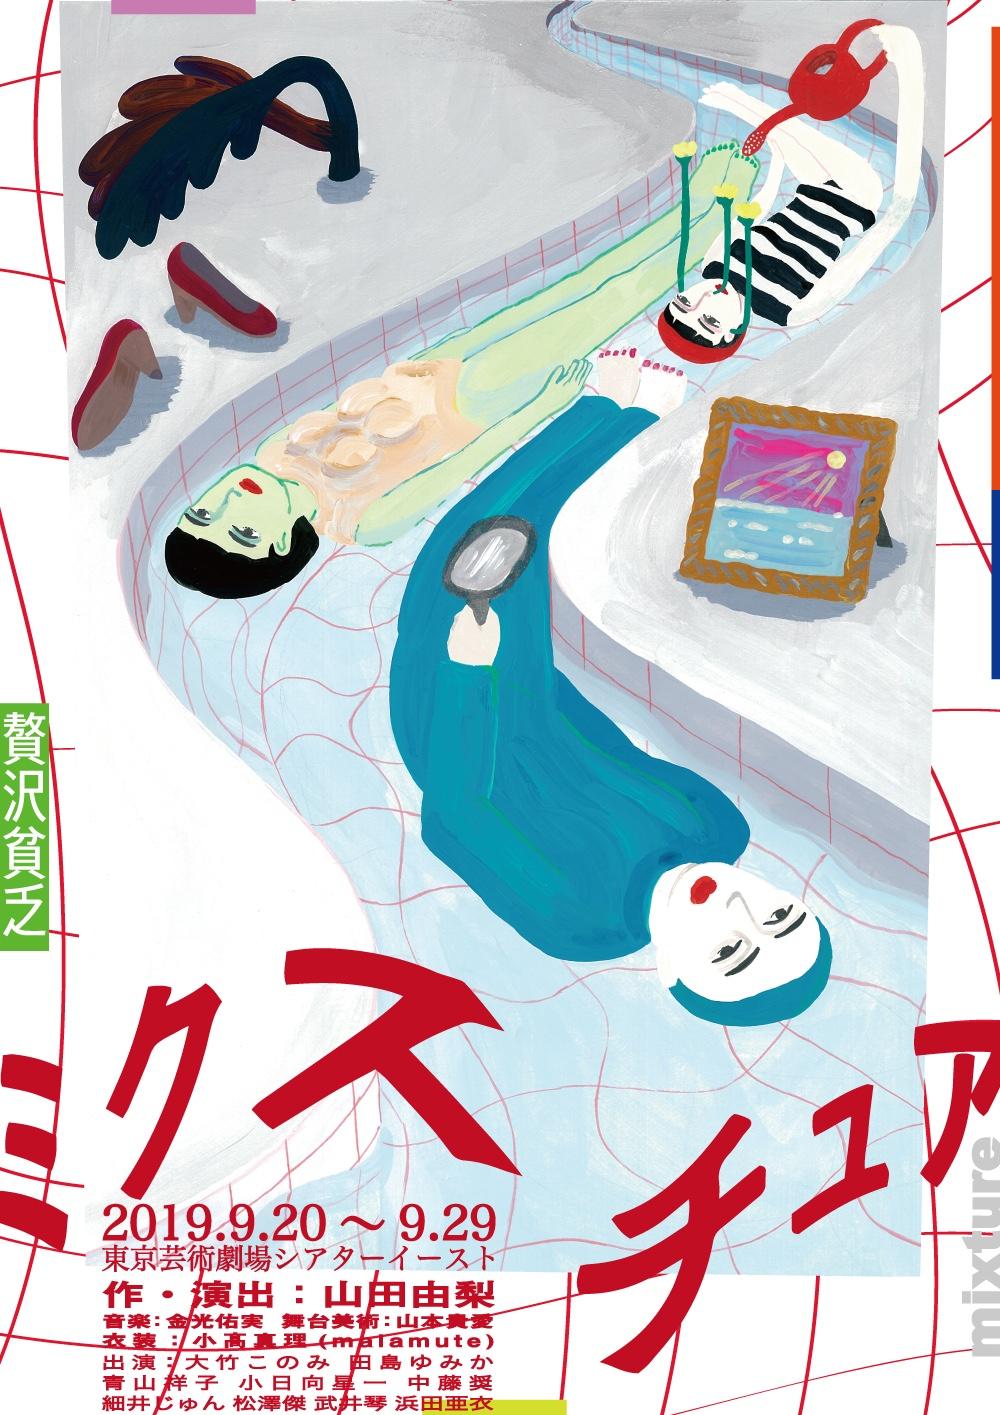 9月28日(土)18:00 贅沢貧乏『ミクスチュア』